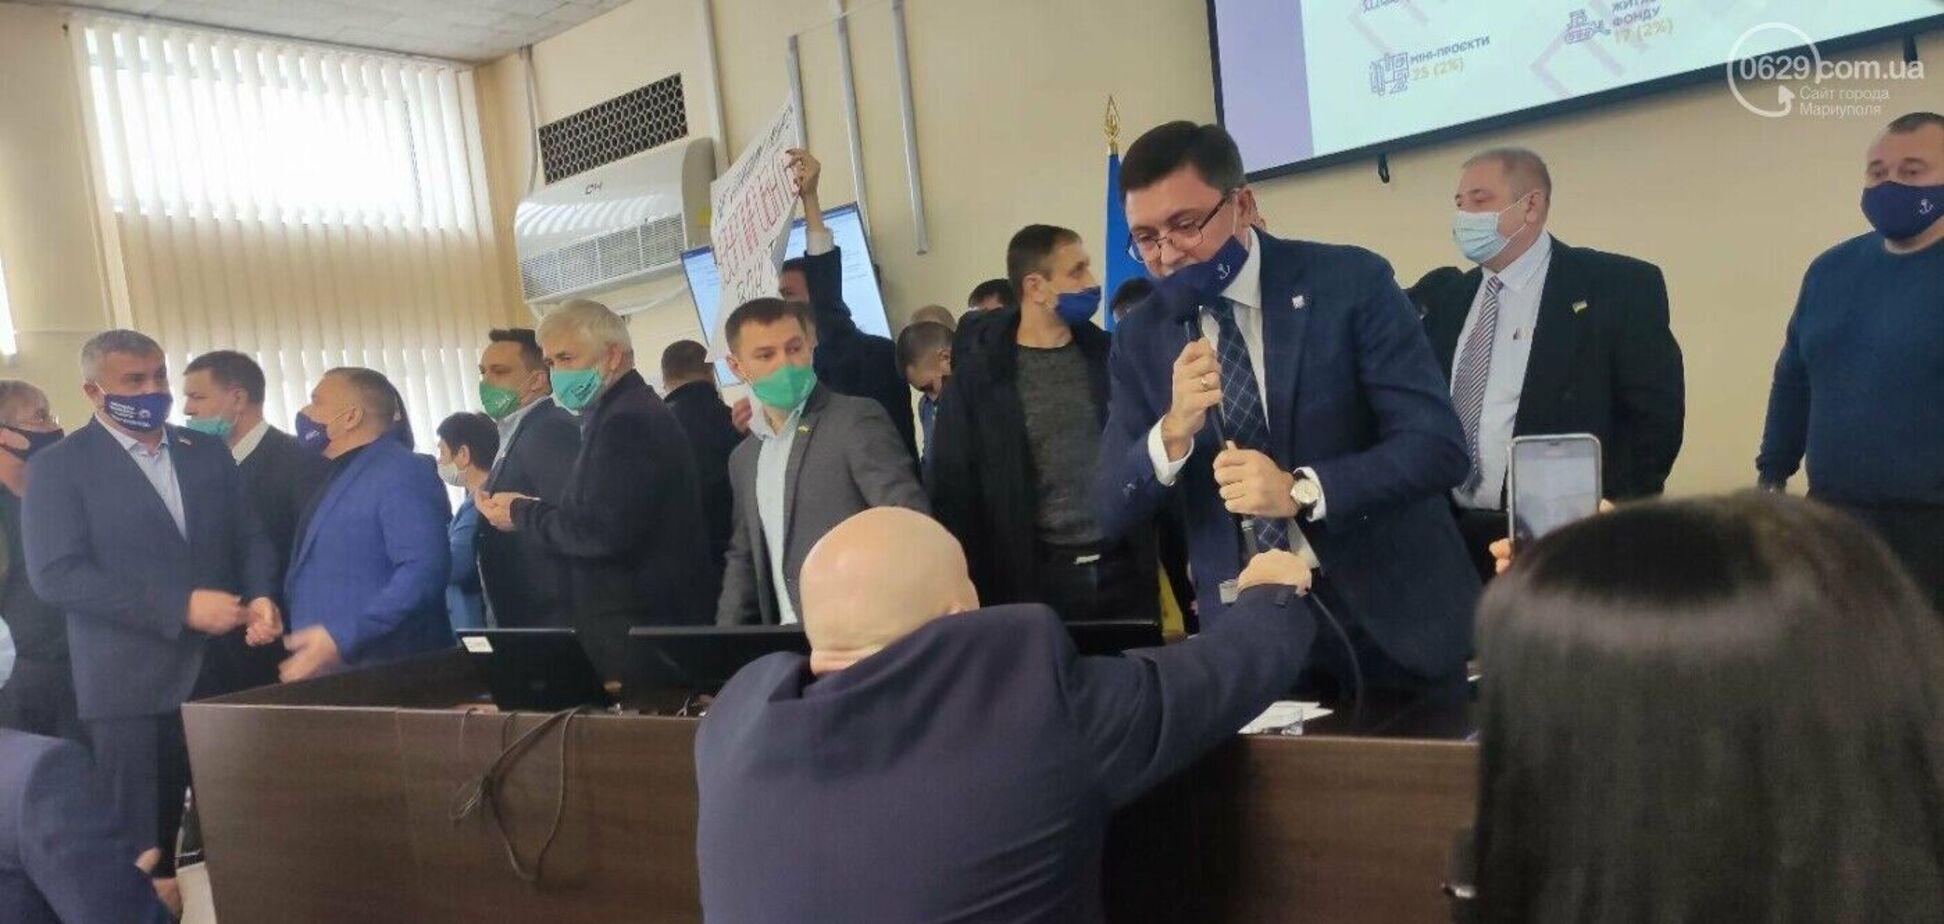 Політолог: колотнеча довкола бюджету в Маріуполі – на руку Кремлю